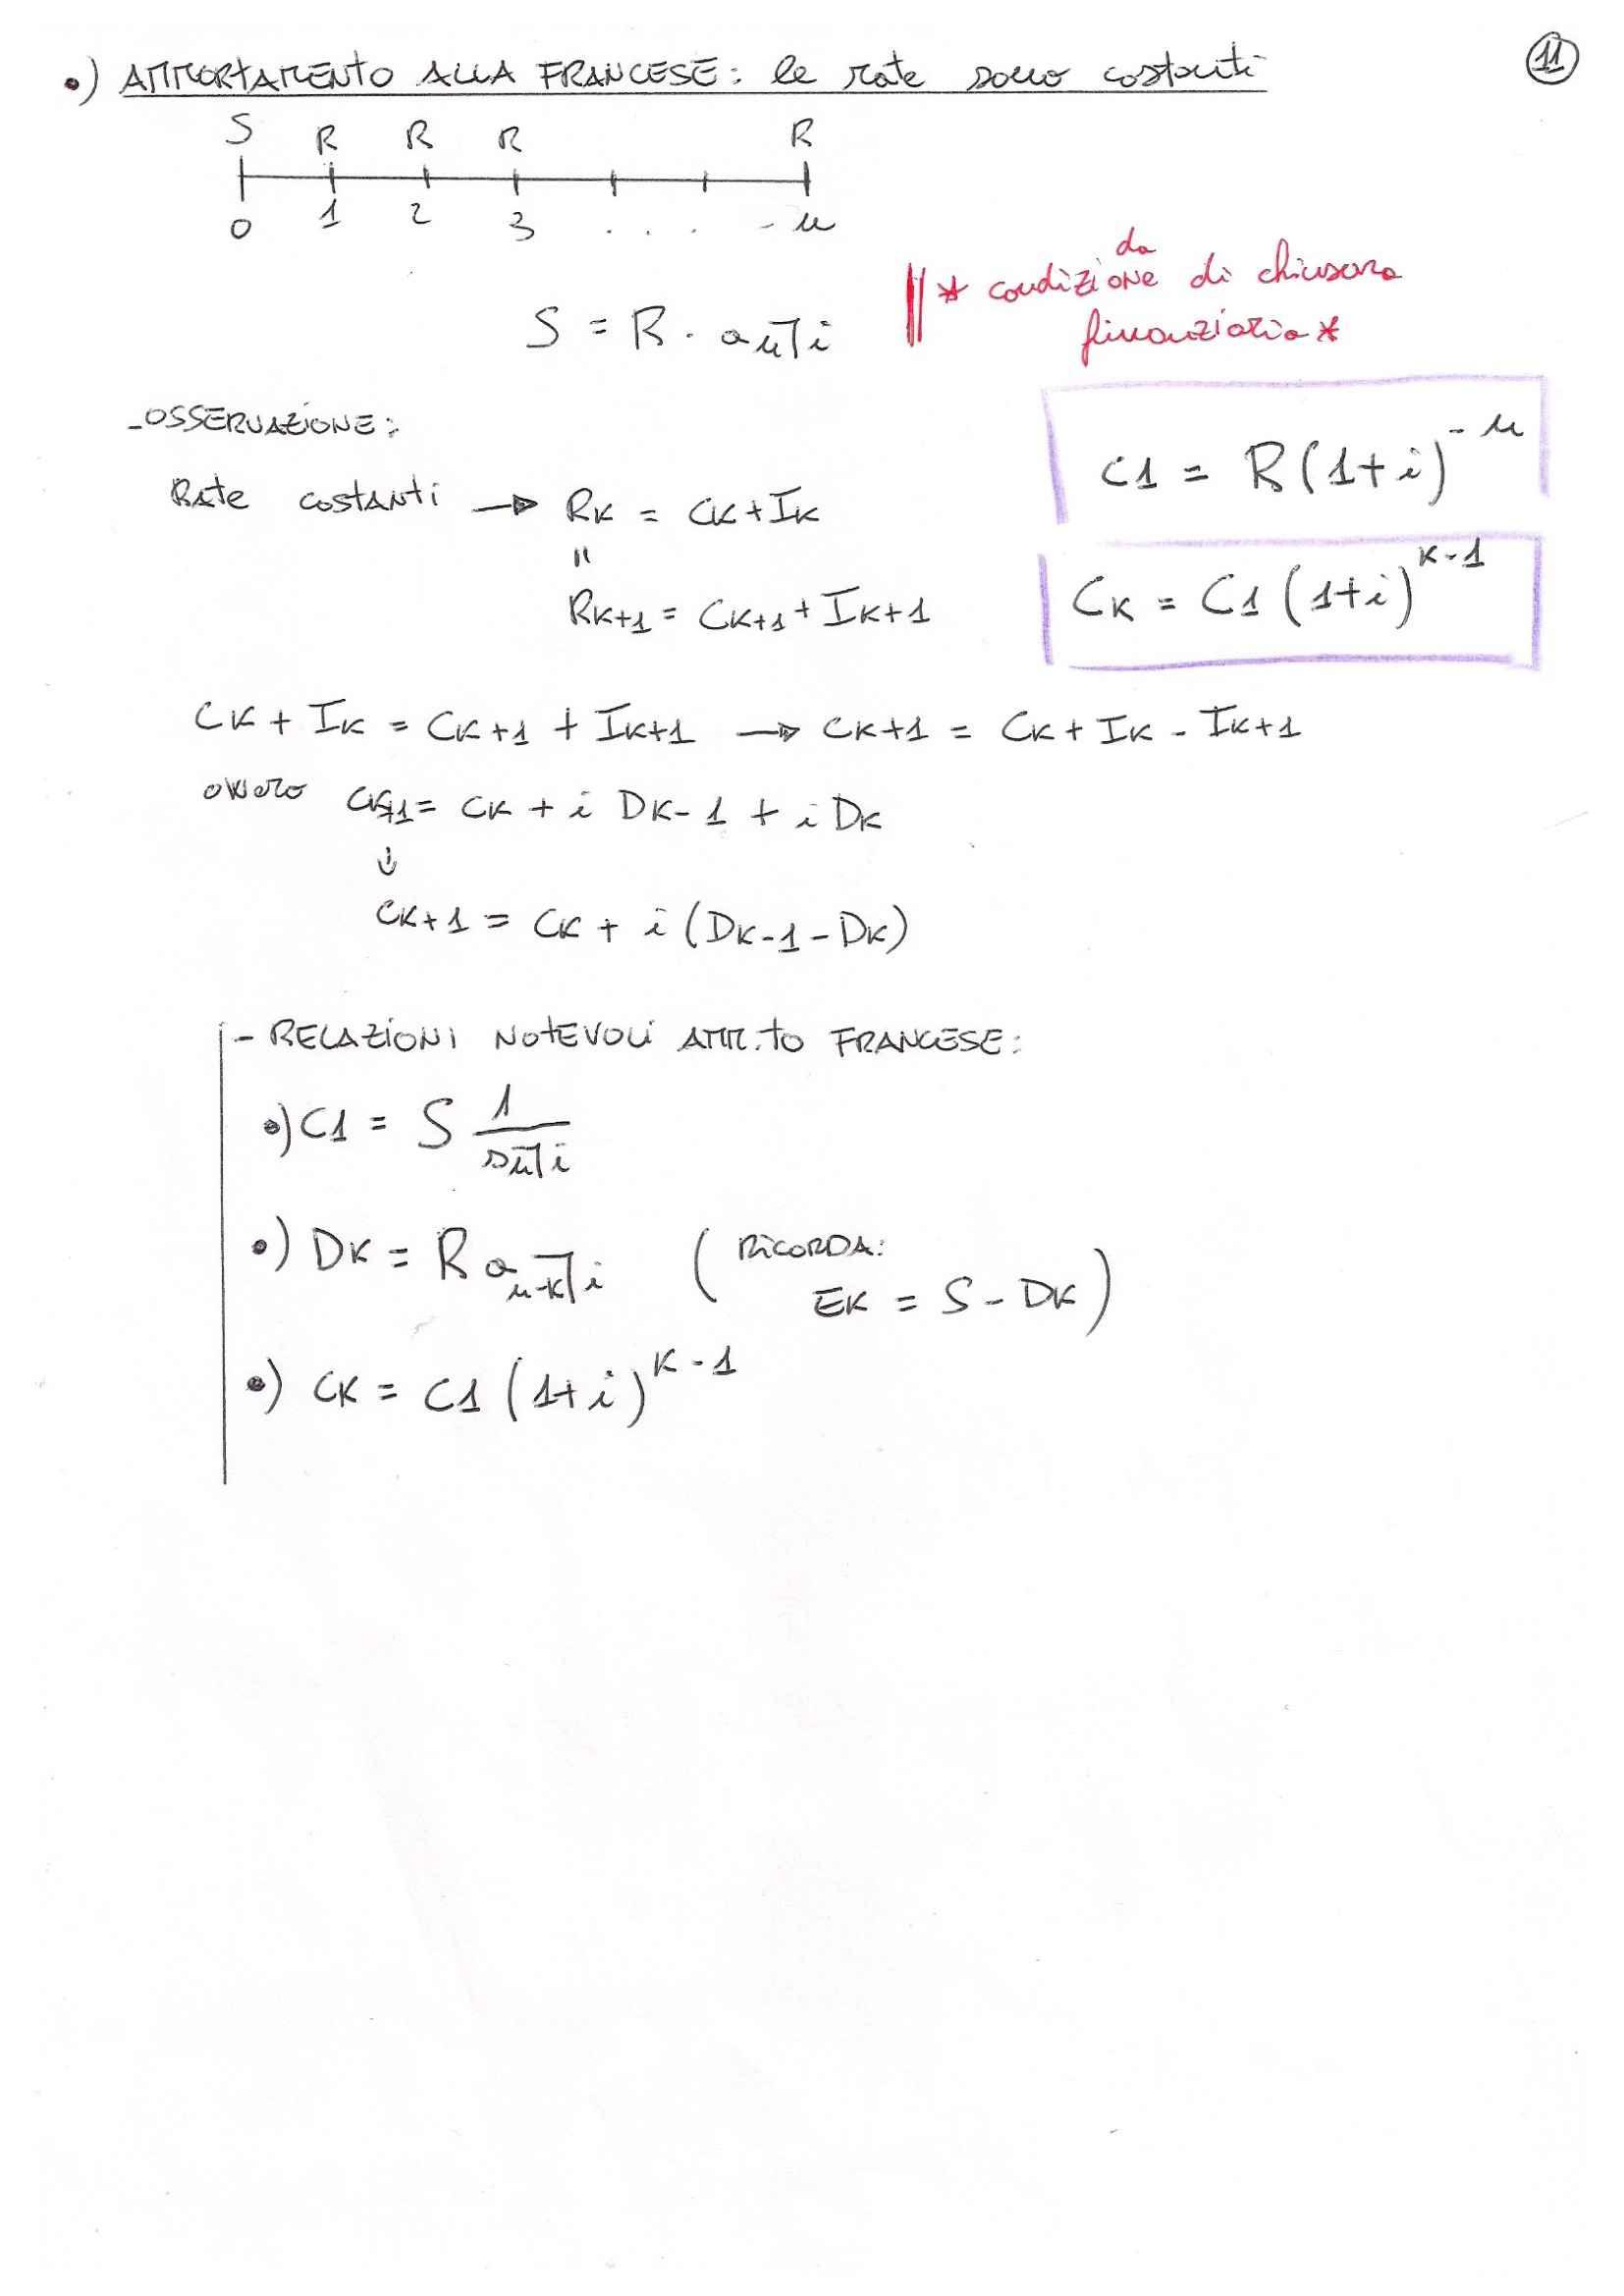 Matematica finanziaria - formulario Pag. 11